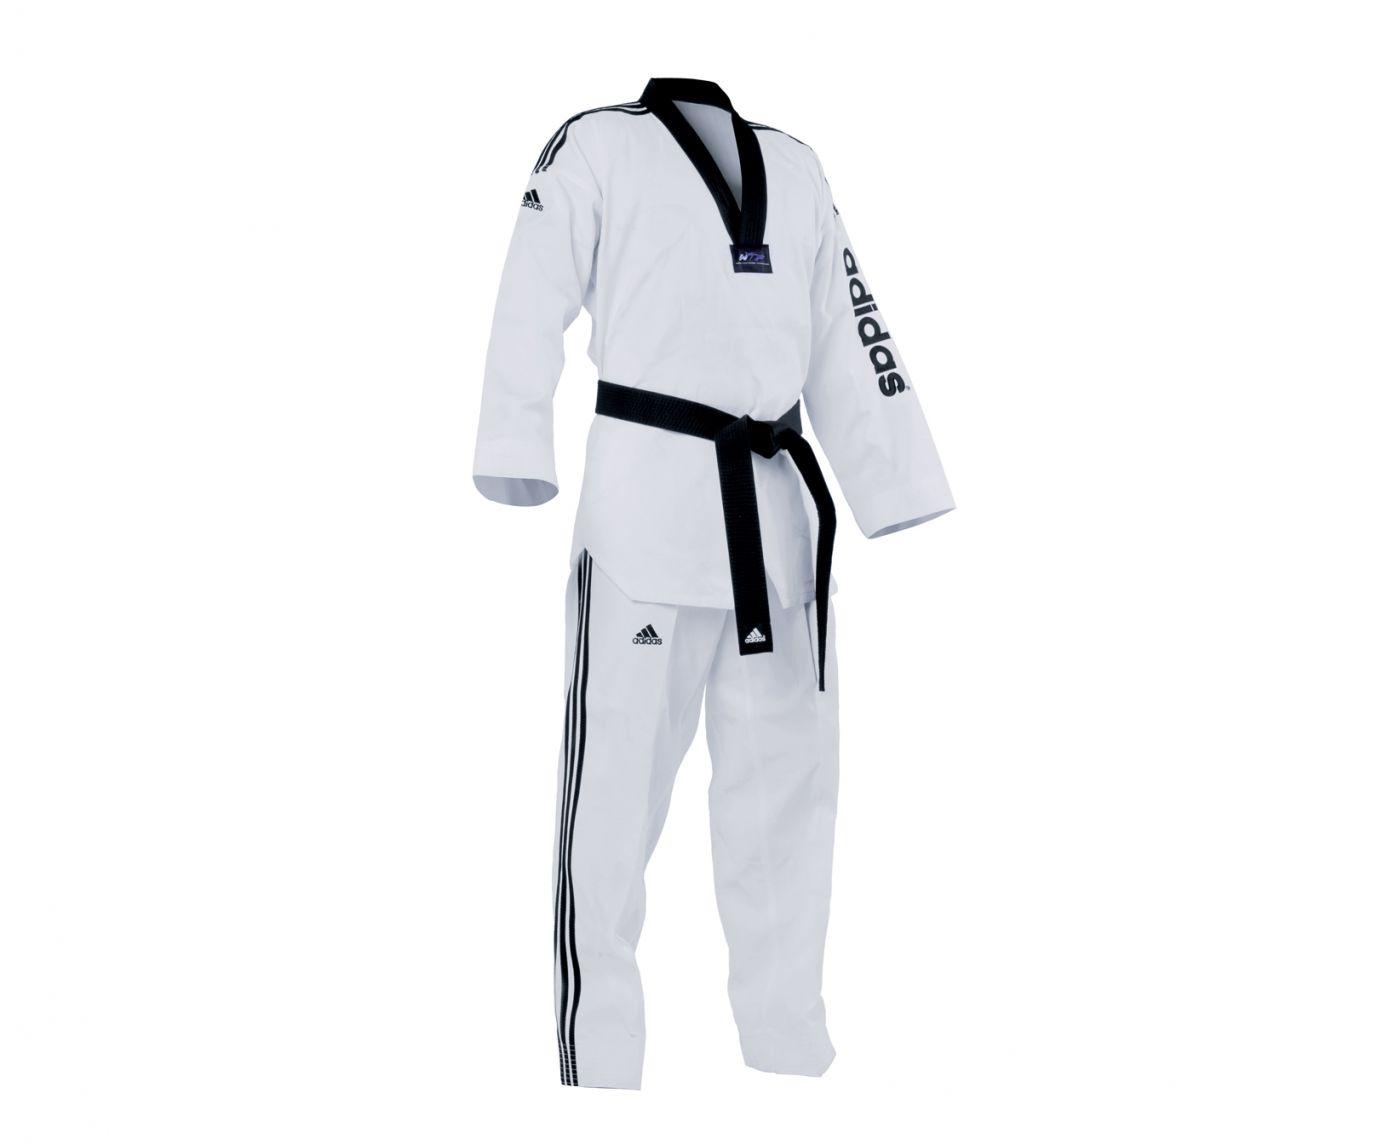 Униформа для Тэквон-до Adidas WTF Adi-SuperMaster 2 белый с черным воротником, размер 170 см, артикул adiTSM01-WH/BK